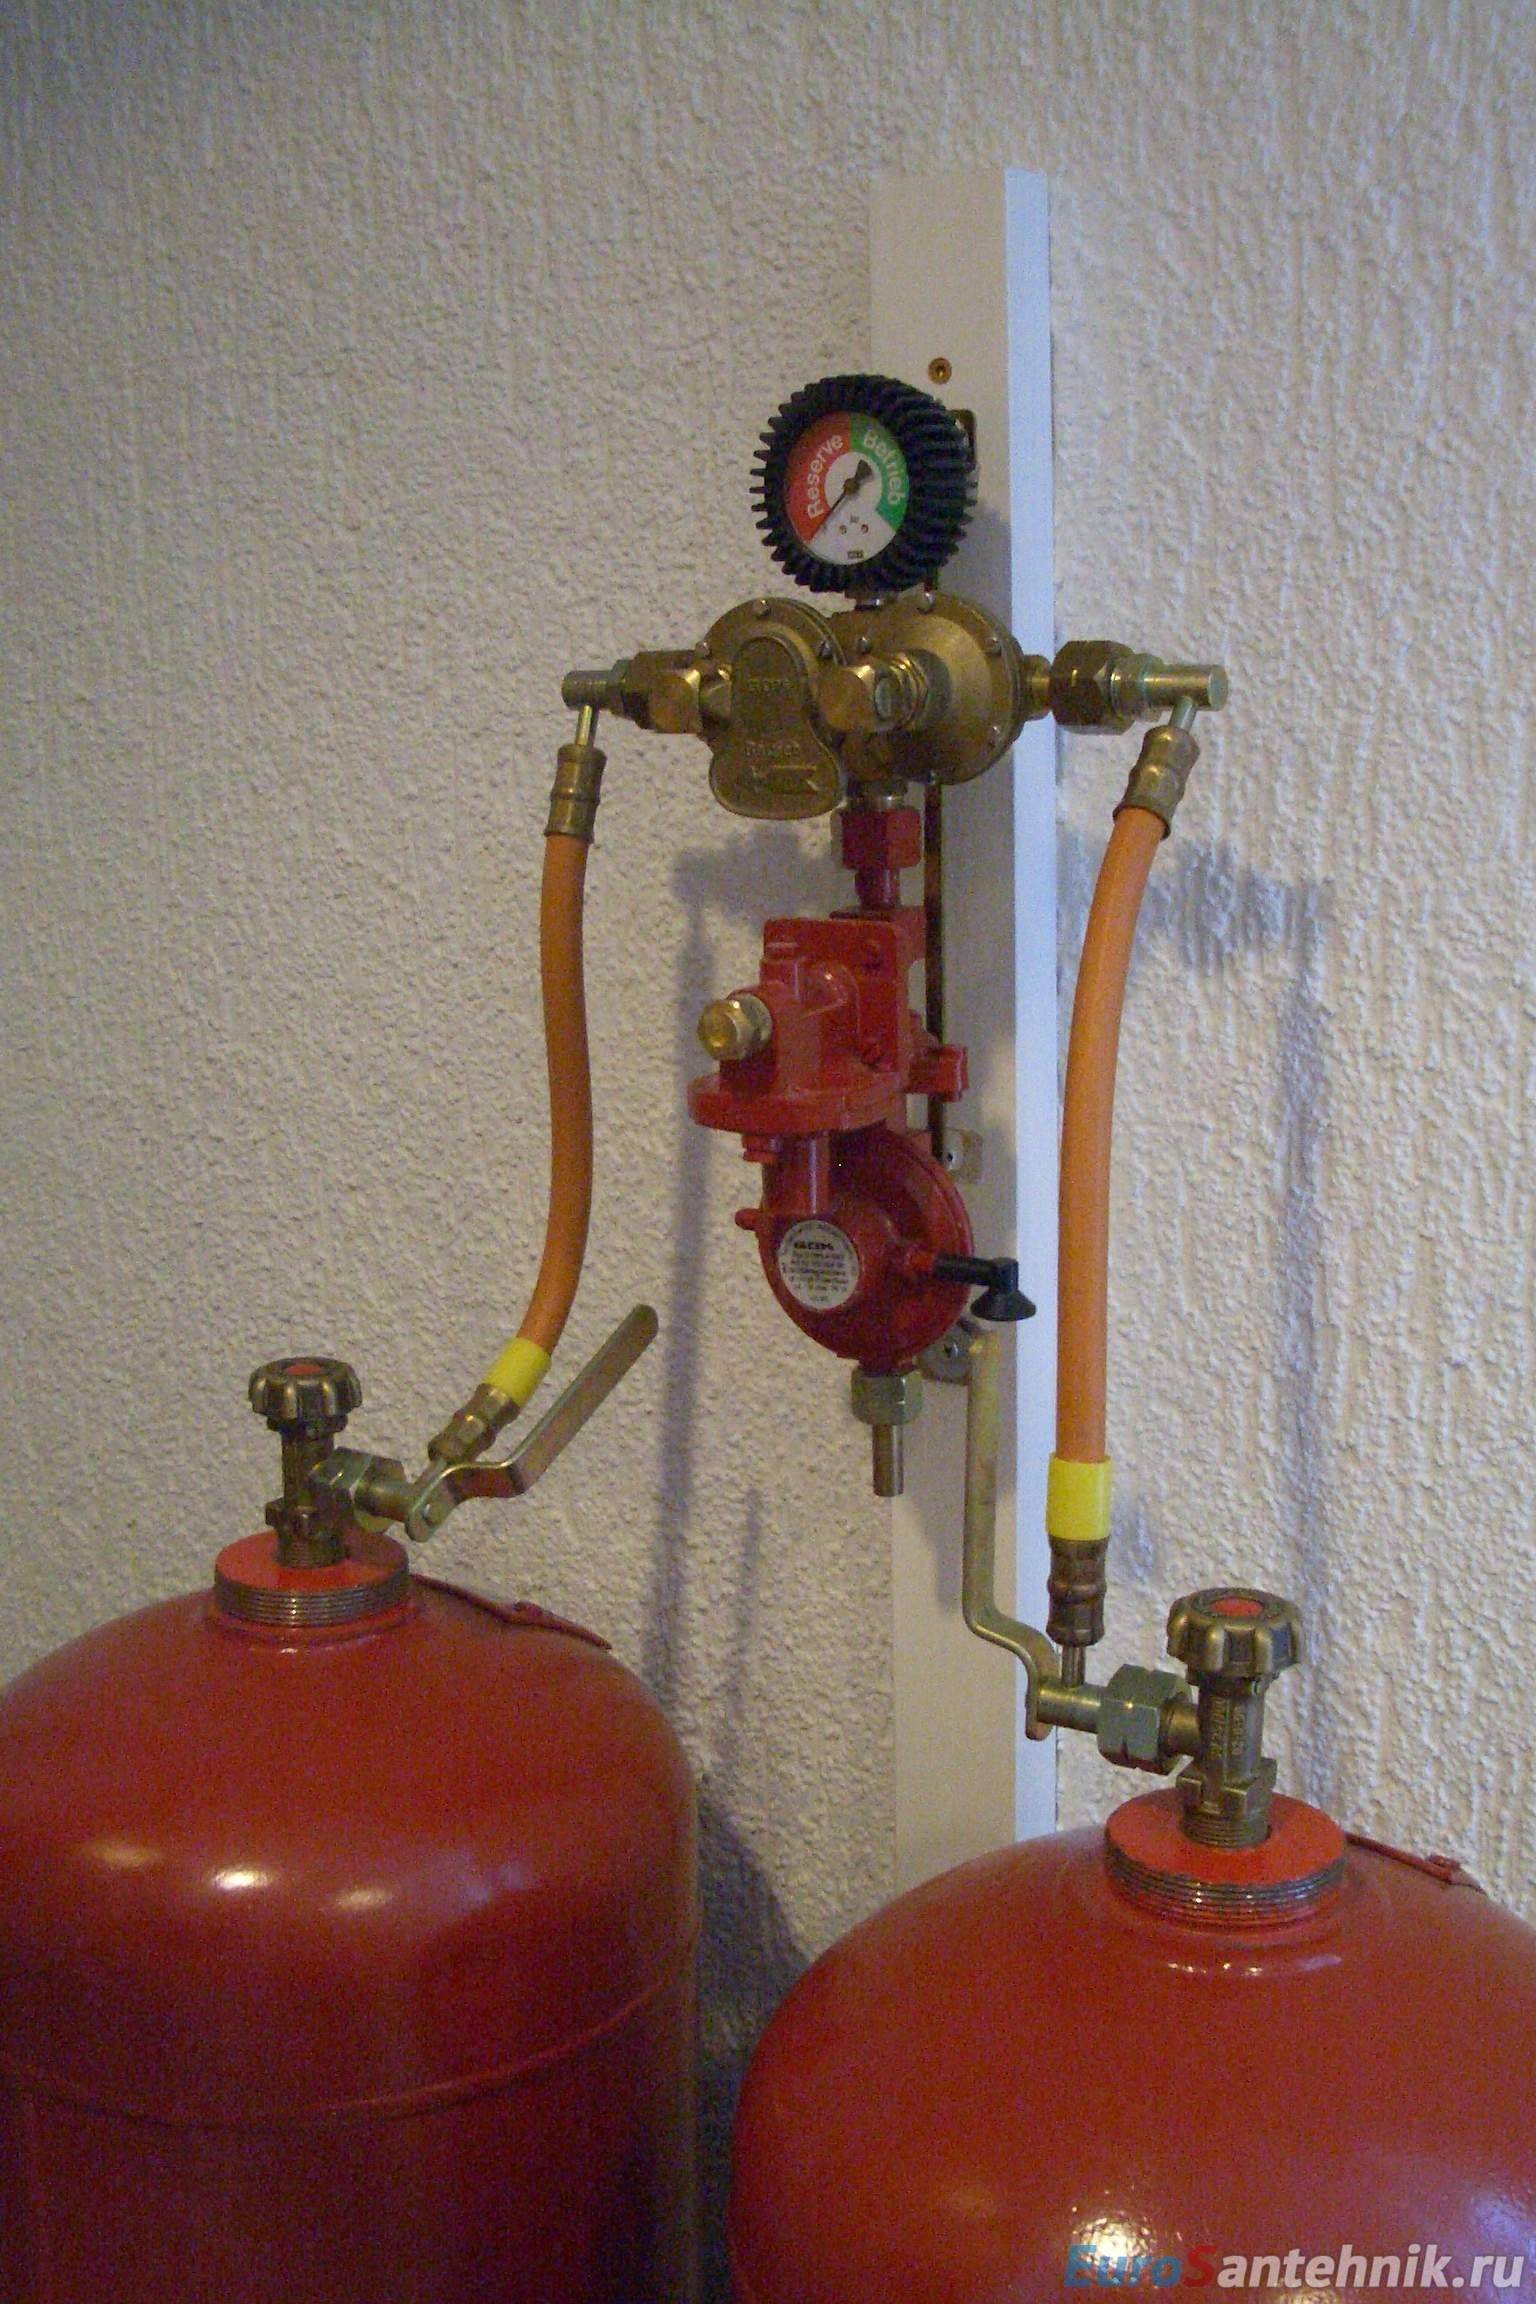 Газовое отопление частного дома: виды топлива, оборудование и варианты монтажа